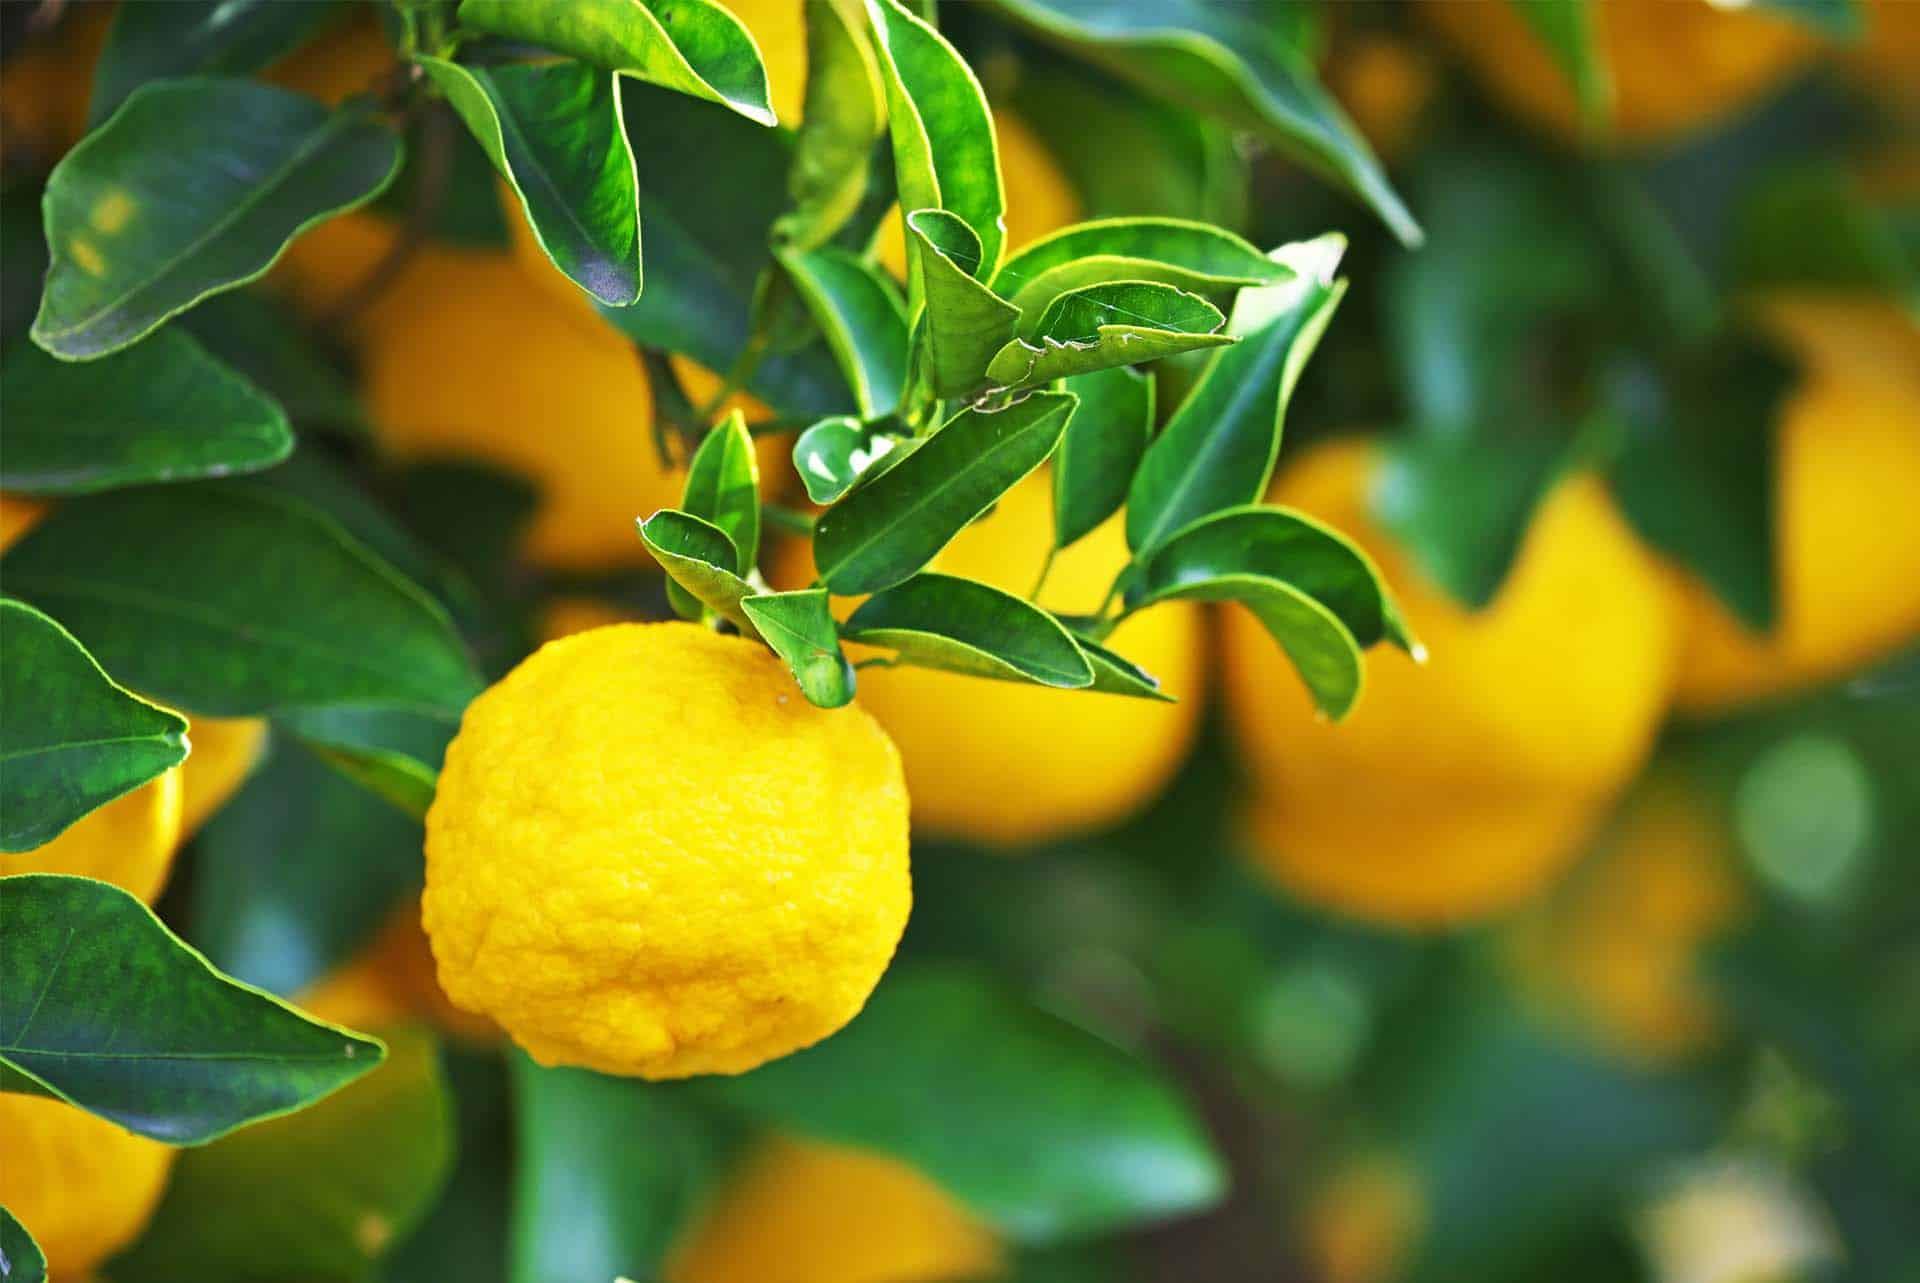 Yuzu Meyvesinin Sağlık Açısından Faydaları Nelerdir?